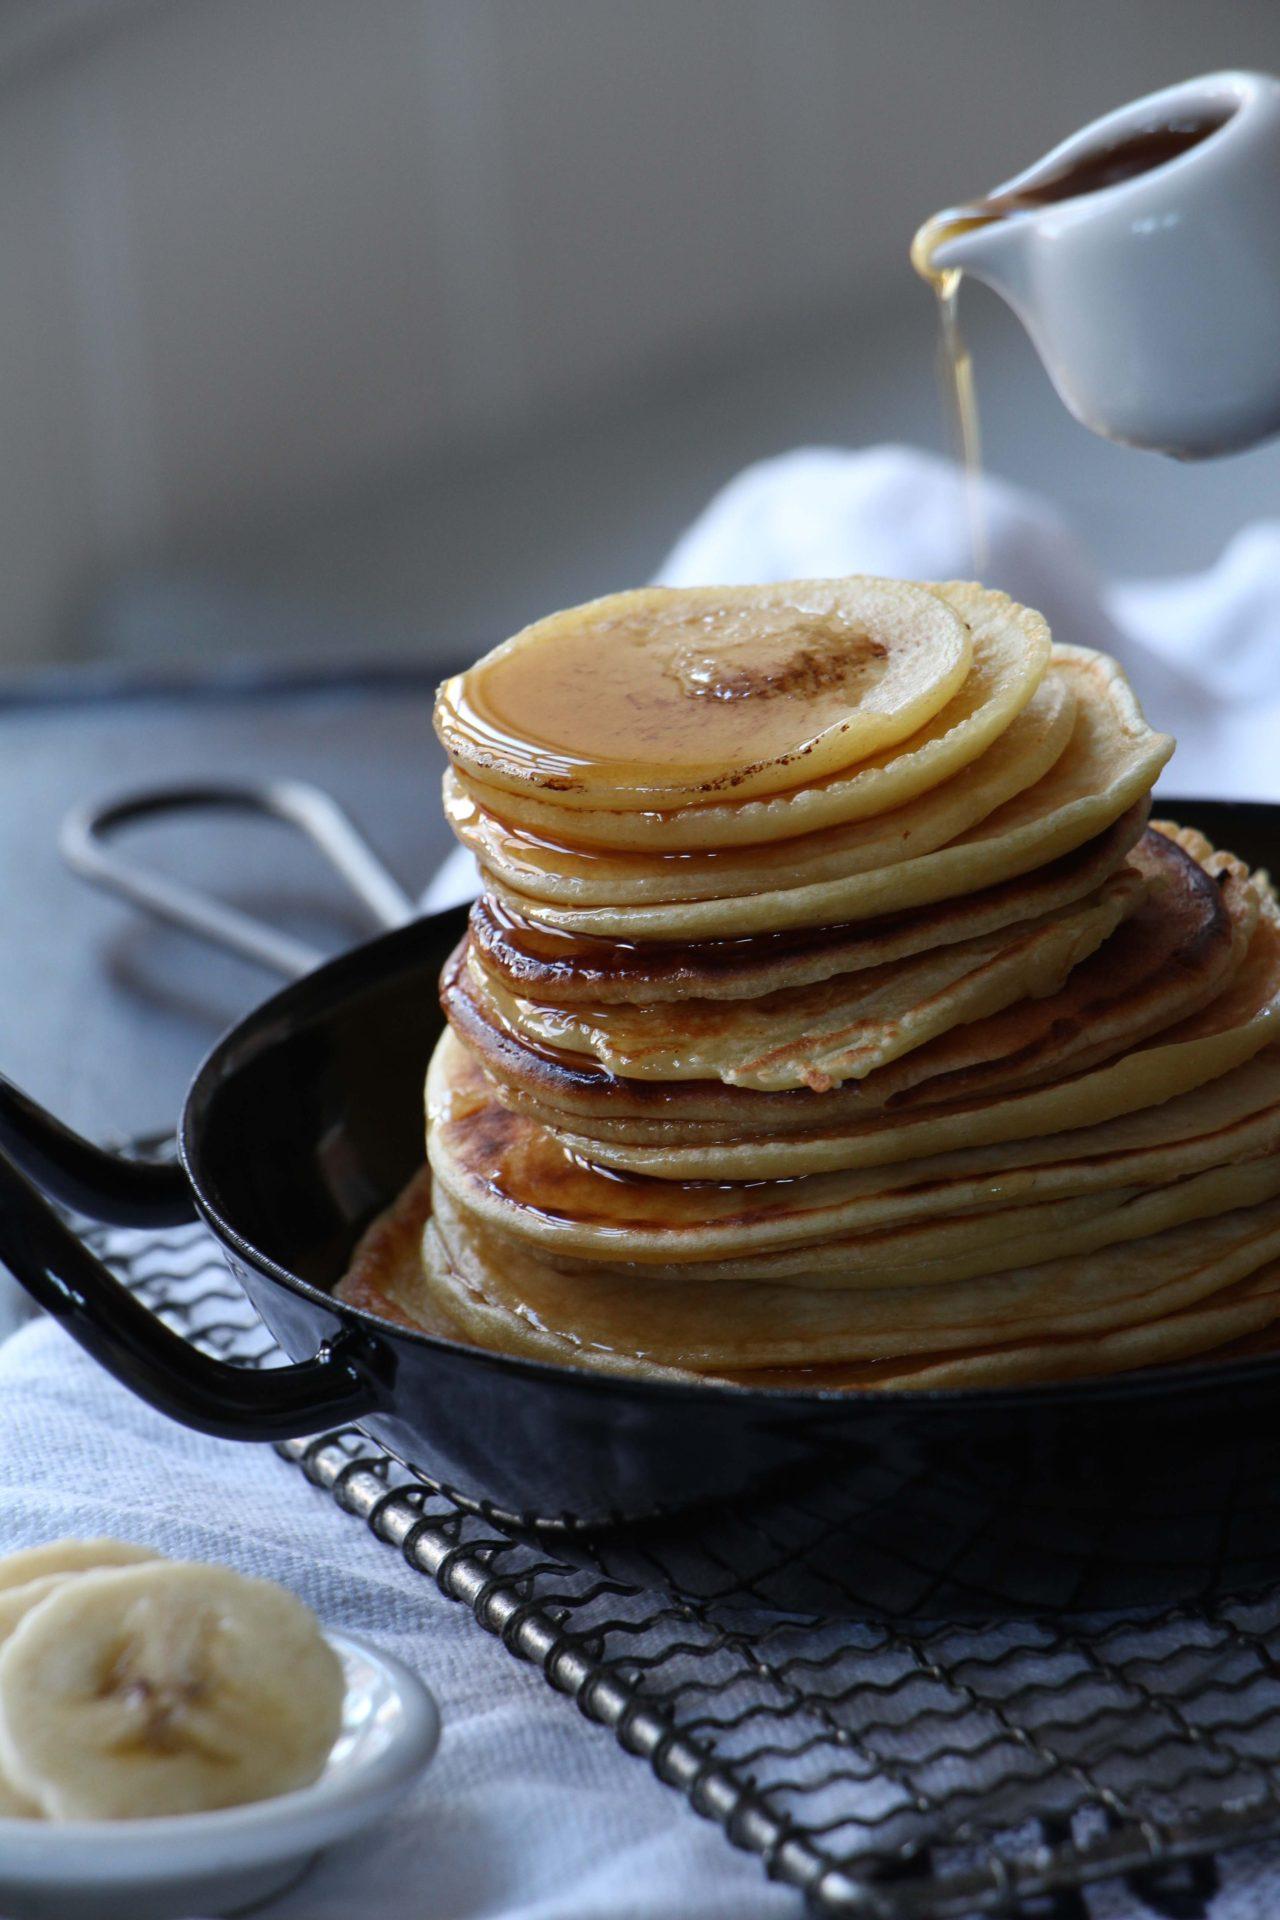 Pancakes zum Frühstück sind ganz einfach und schnell gemacht- ganz besonders lecker schmecken sie mit Banane und Ahornsirup #easy #original #banana #recipe